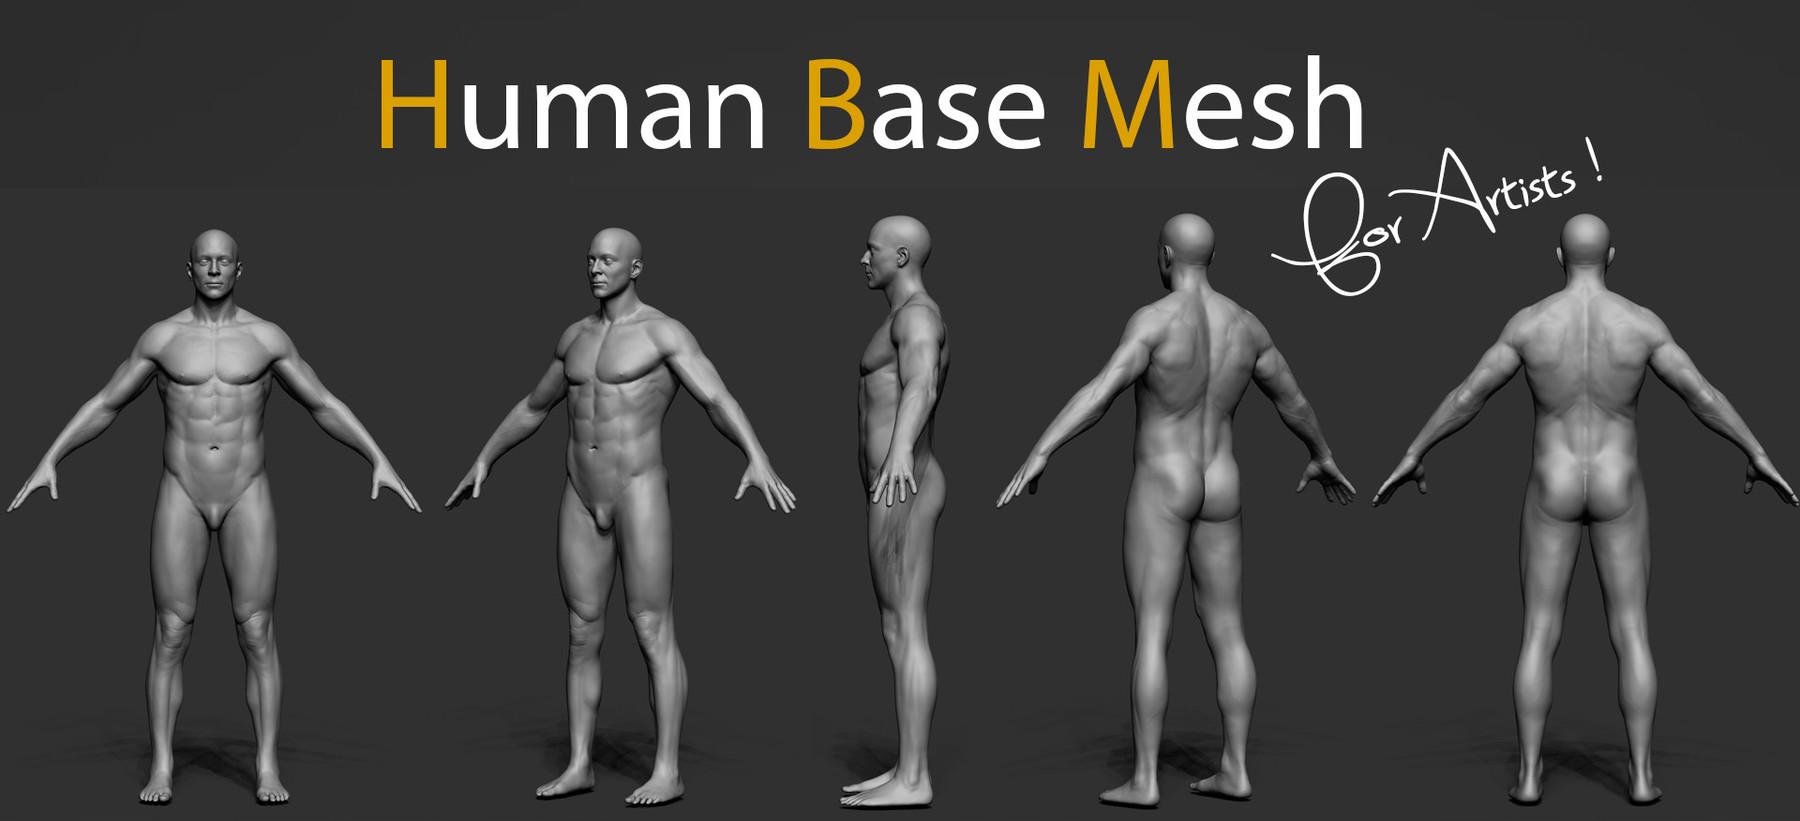 Human bm img4